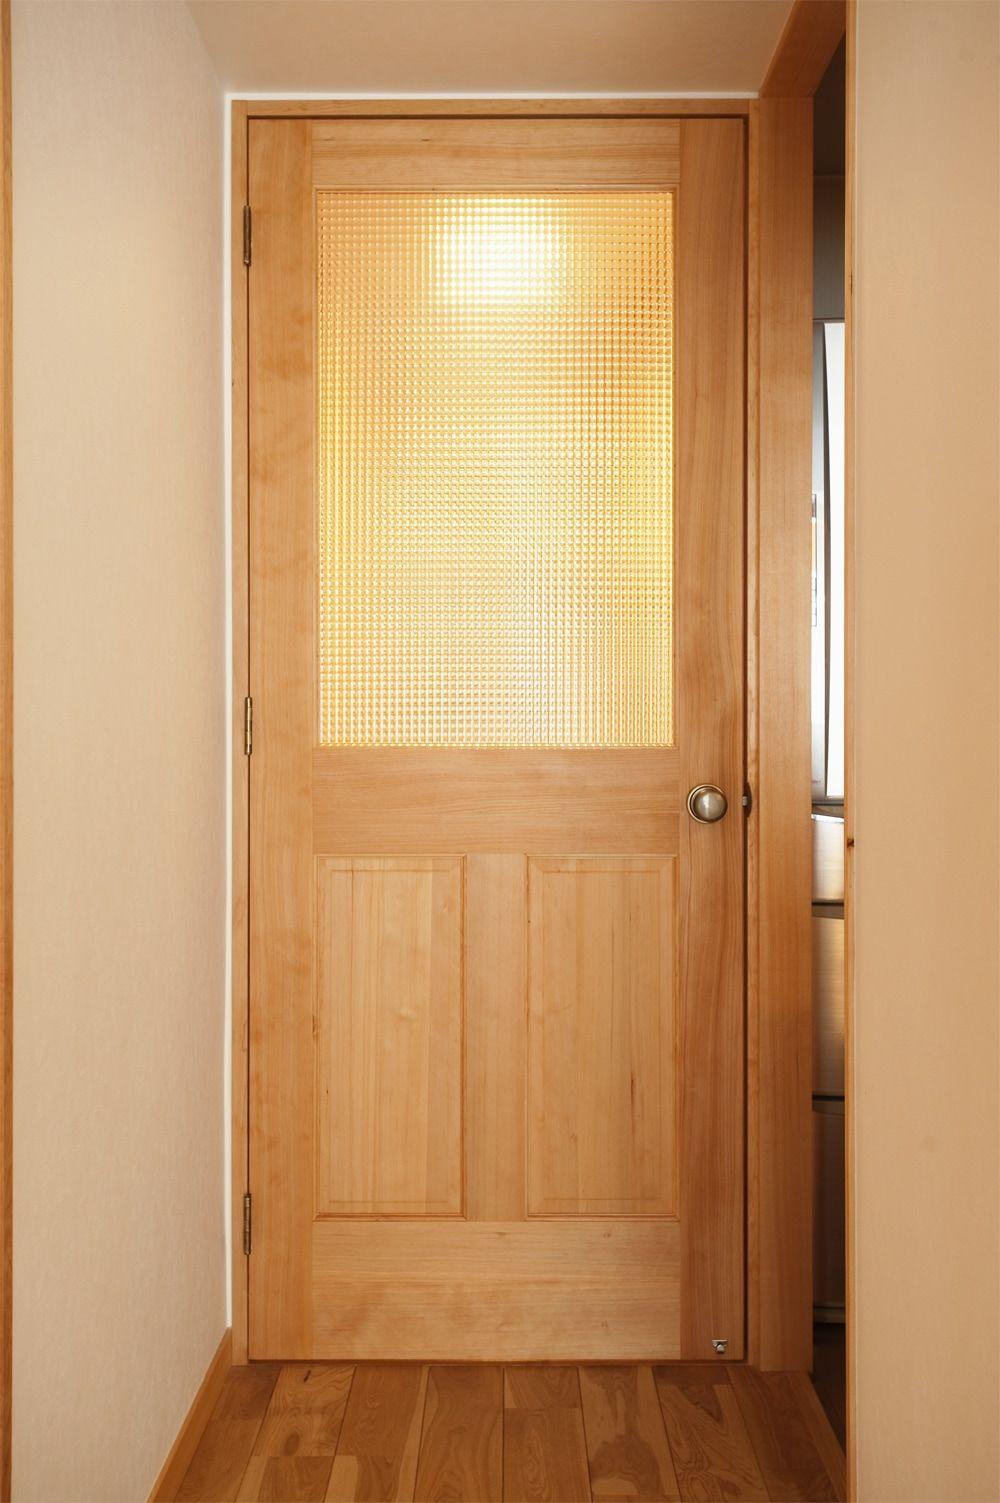 リフォーム リノベーションの事例 造作建具 ドア 施工事例no 265